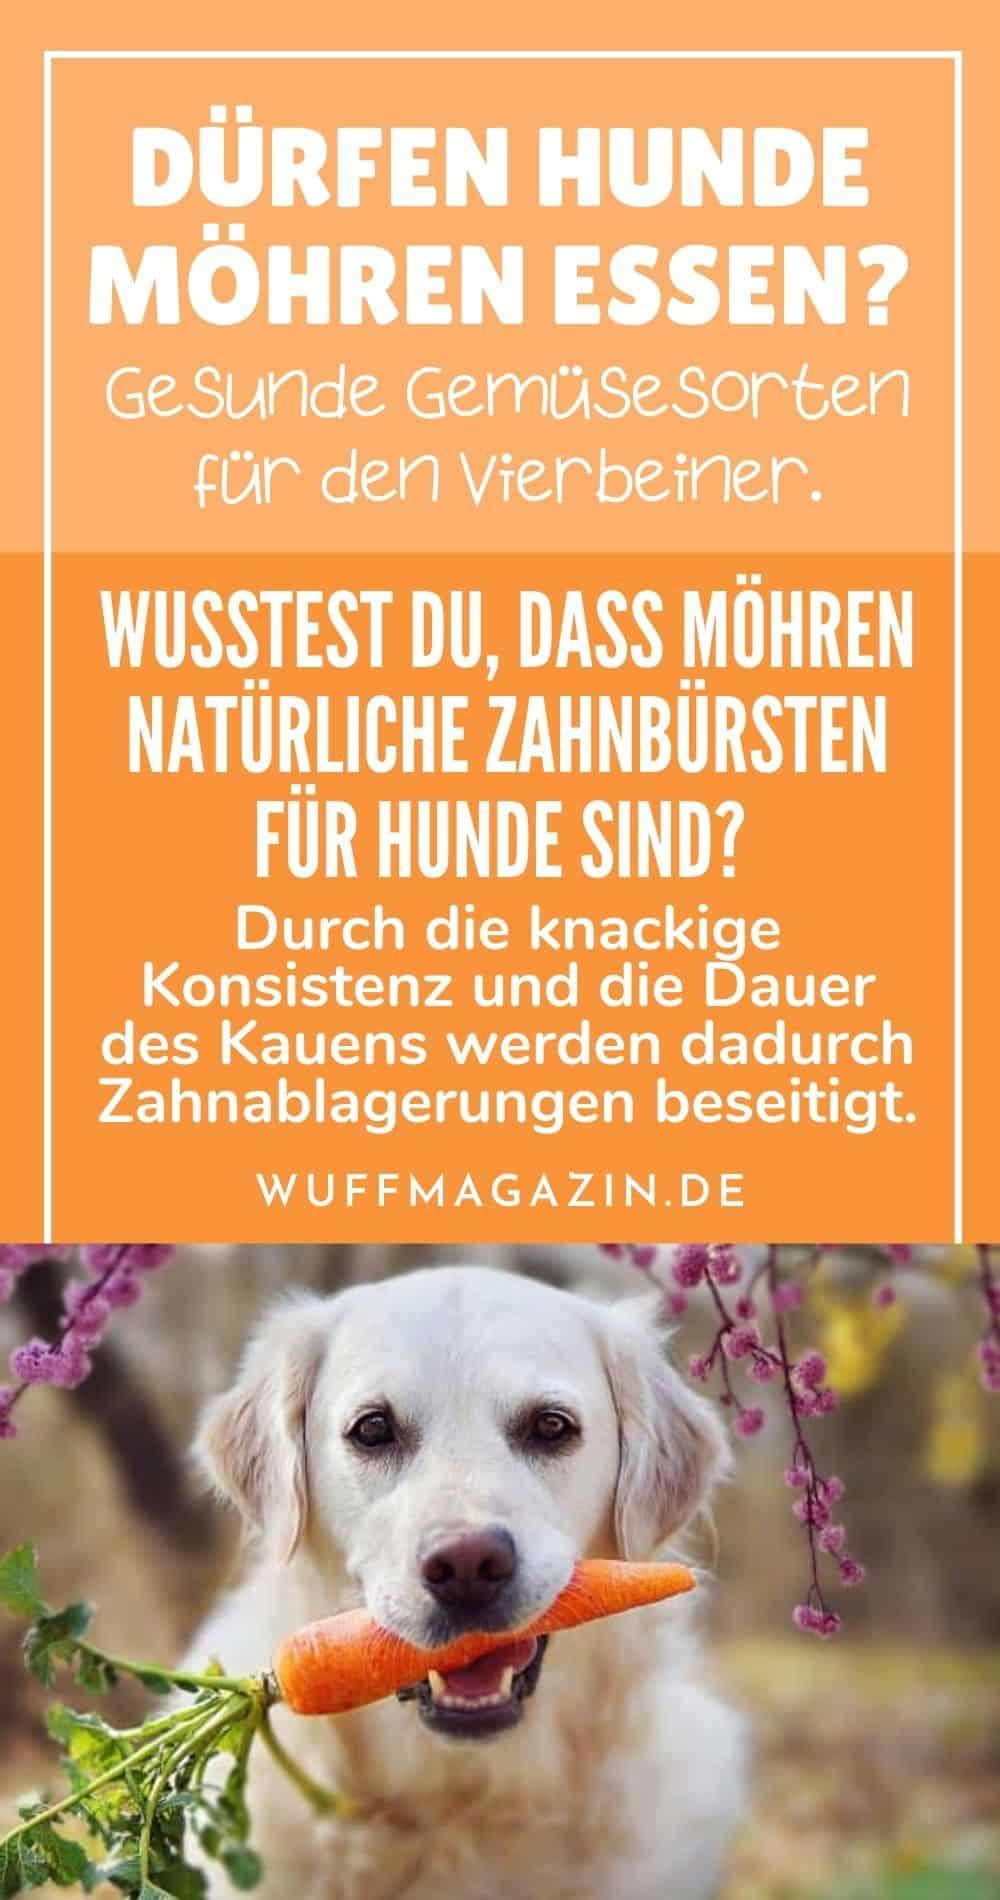 Dürfen Hunde Möhren essen Gesunde Gemüsesorten für den Vierbeiner